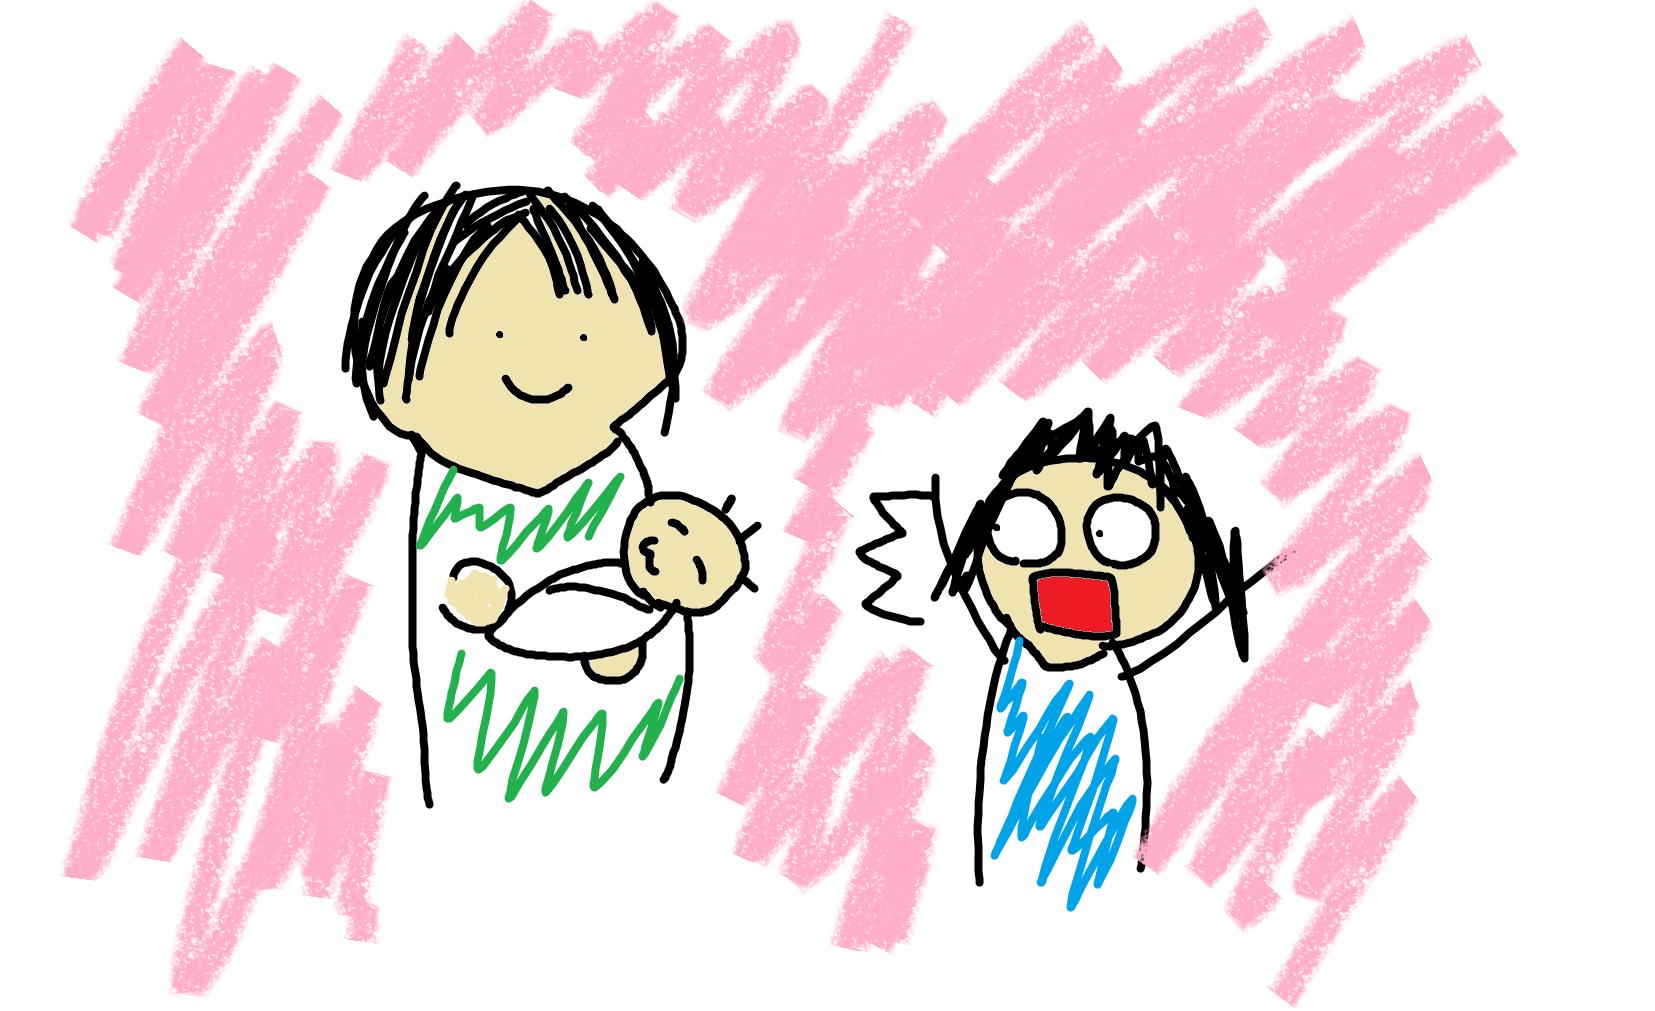 アラサー独身女が、赤ちゃんを産んだ旧友に会って衝撃を受けた話